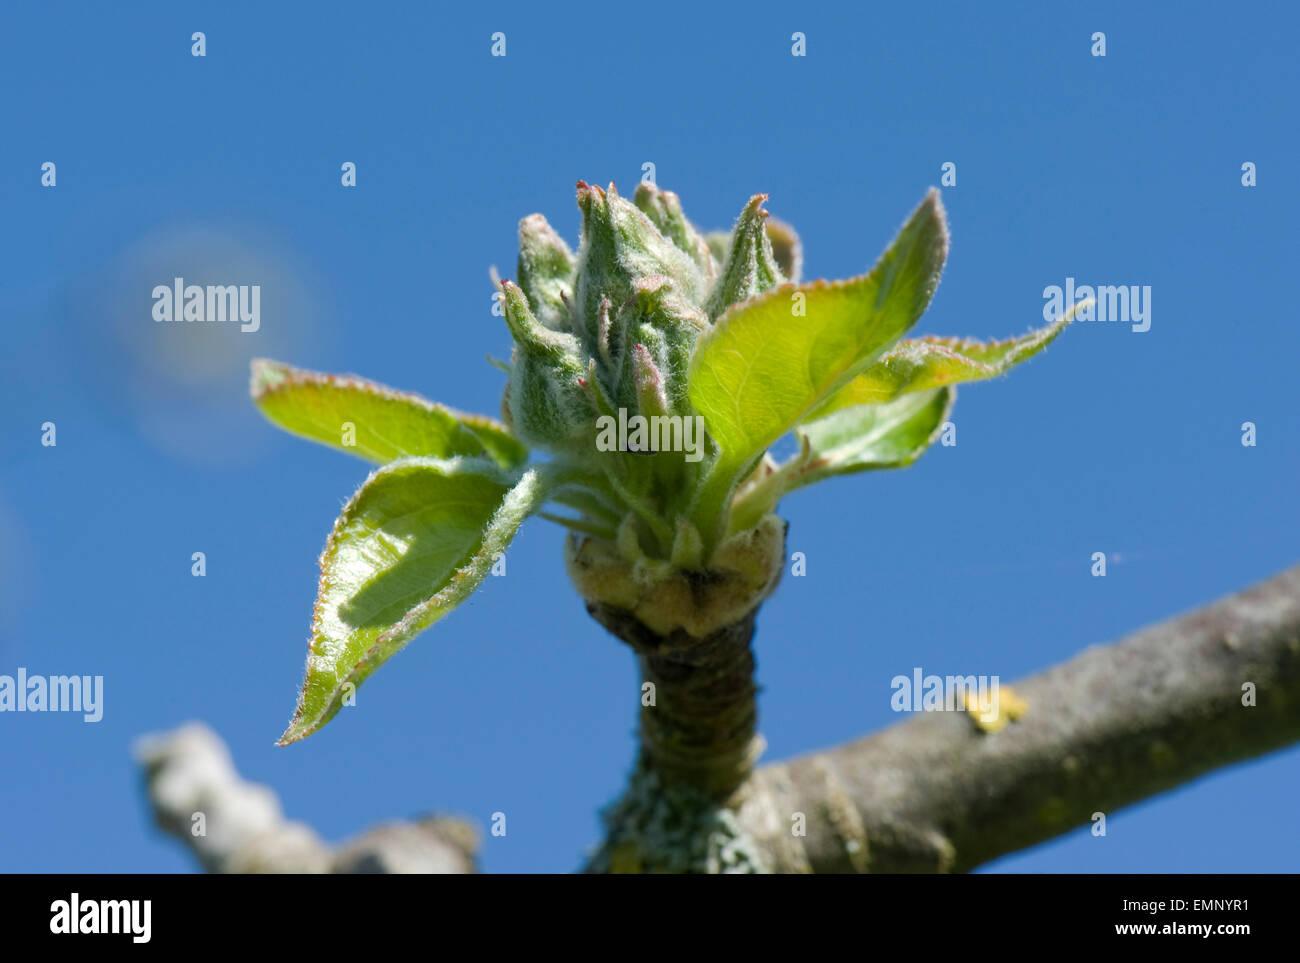 Grüner Apfel Knospen, Blüten und Blätter, grüne Cluster, Eröffnung in der Frühlingssonne Stockbild